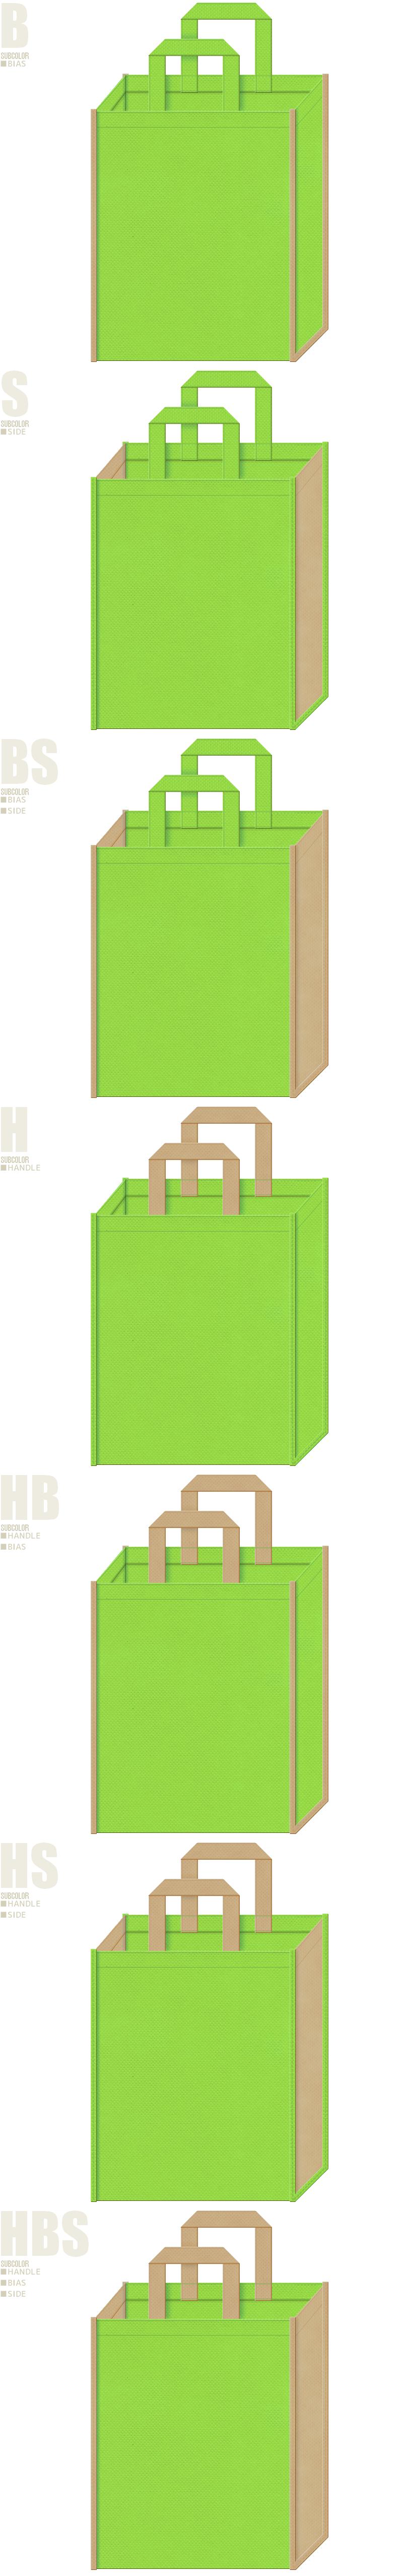 牧場・絵本・おとぎ話・ポエム・ゲームの展示会用バッグにお奨めの不織布バッグデザイン:黄緑色とカーキ色の不織布バッグ配色7パターン。